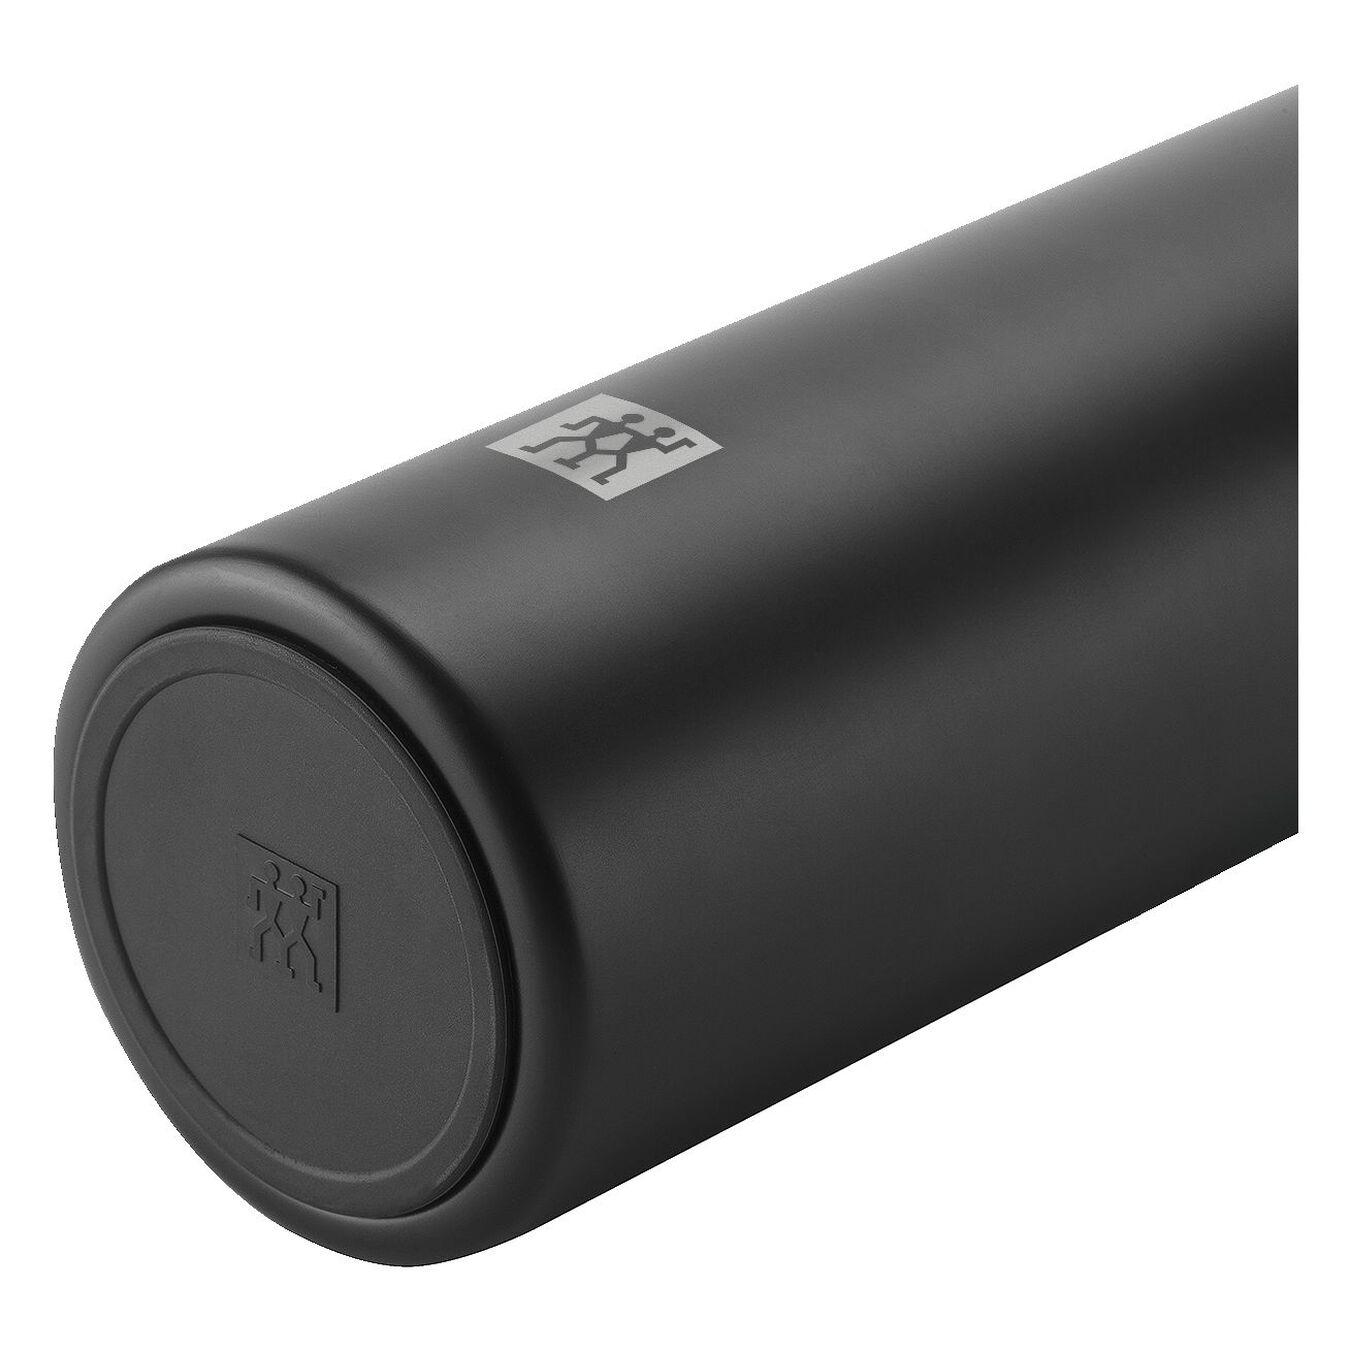 Borraccia termica - 450 ml, acciaio inox,,large 4